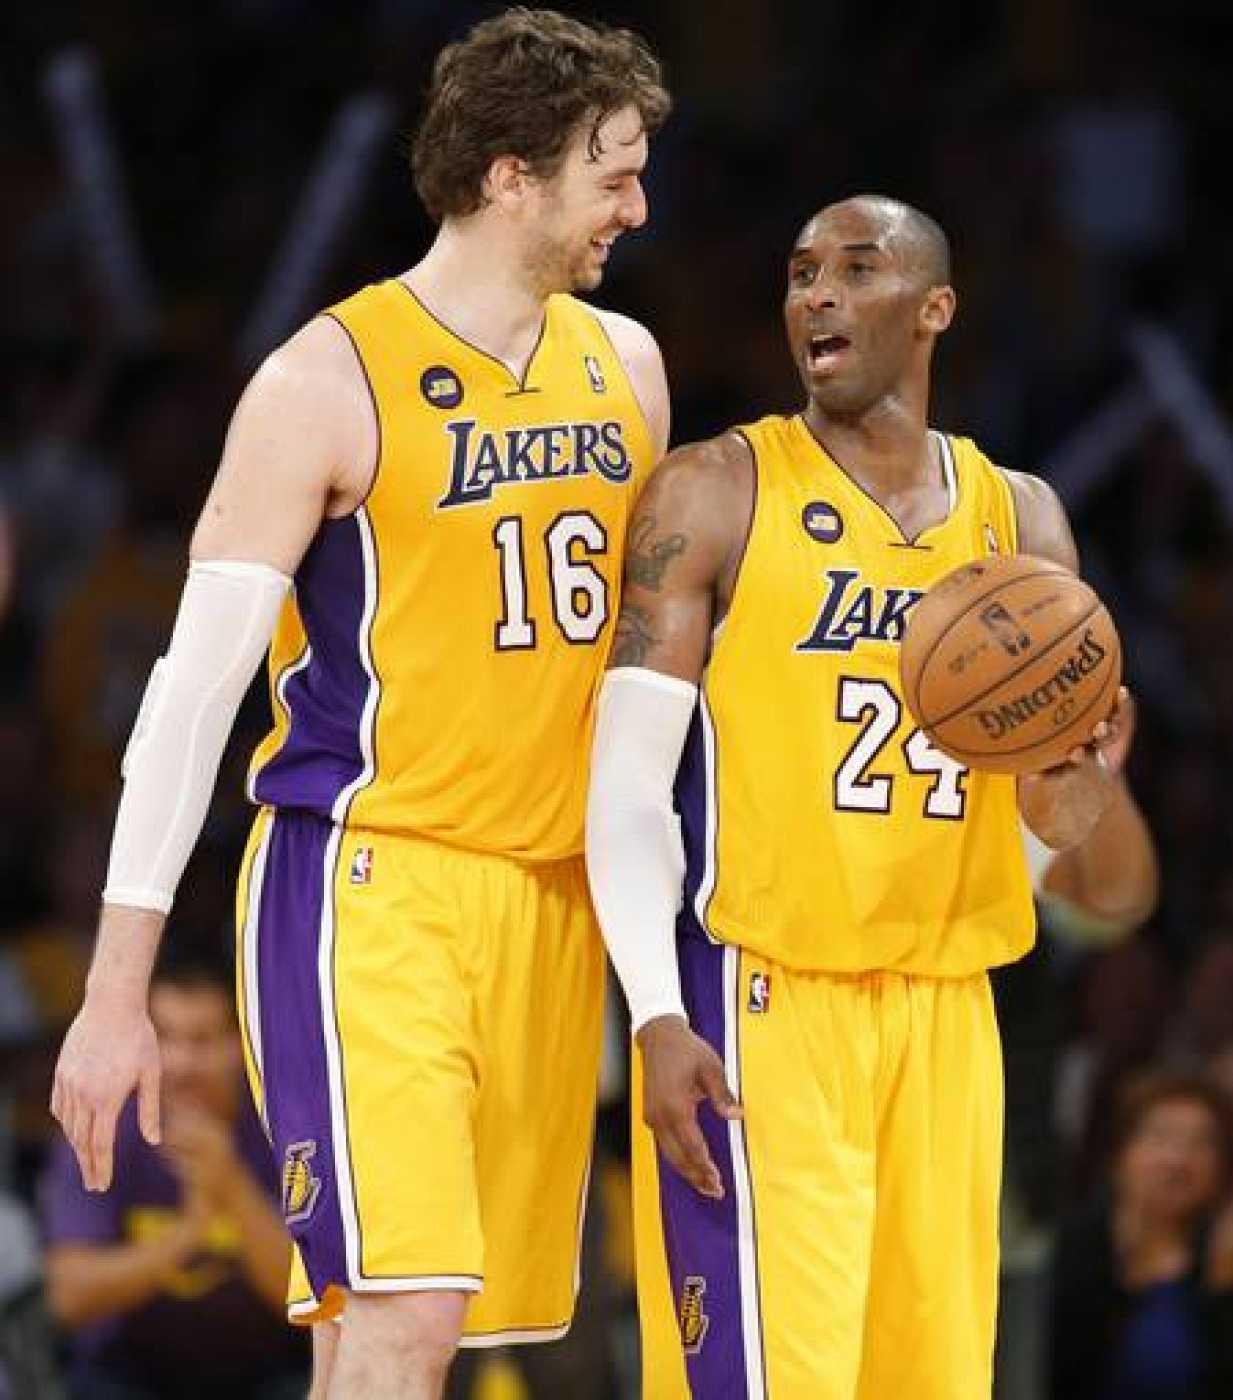 LPau Gasol (i) y Kobe Bryant, compañeros en los Ángeles Lakers, sonríen durante el partido